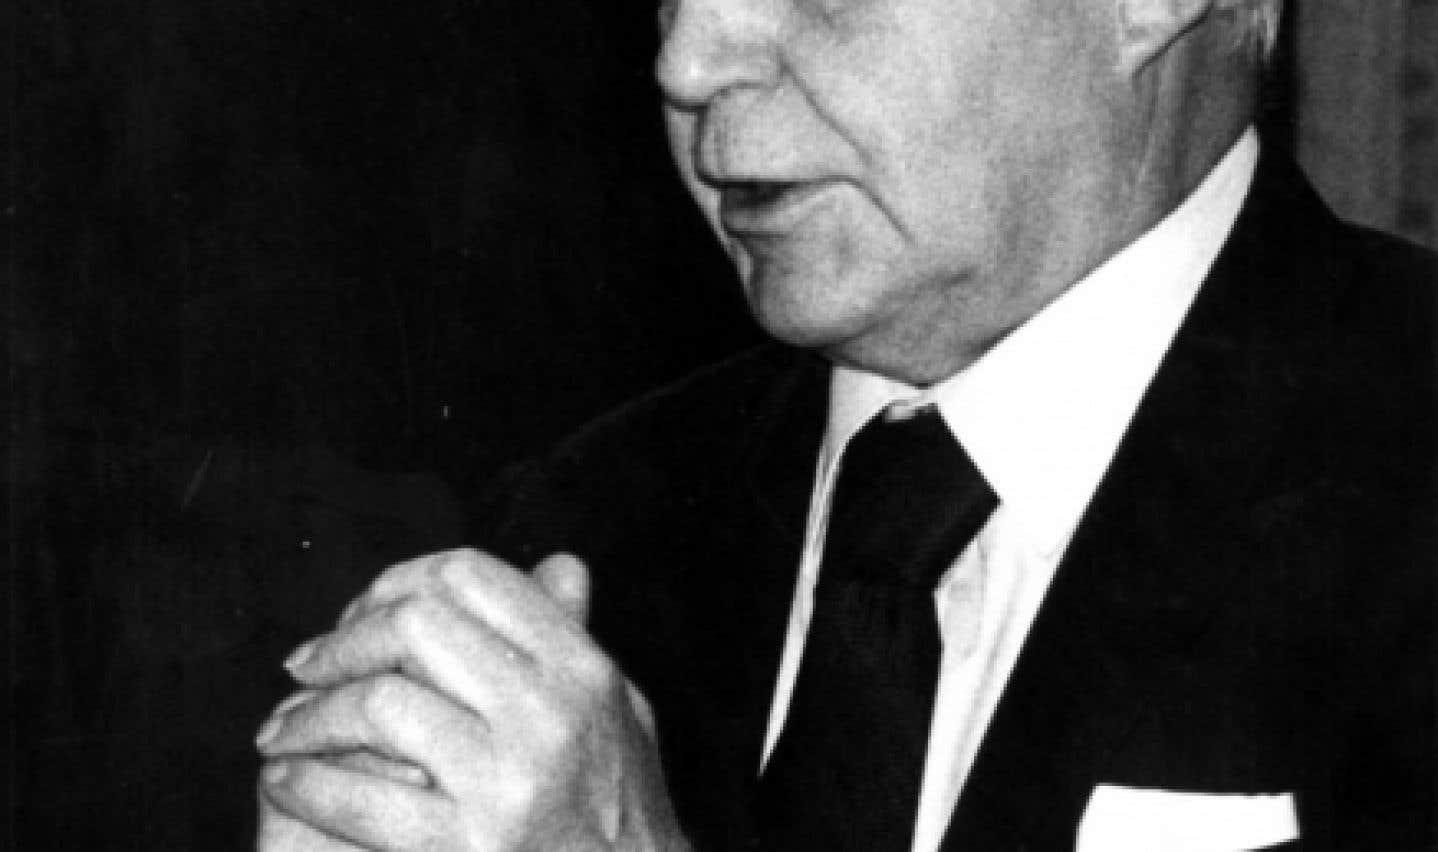 Jean-Marc Léger devient en 1961 le premier secrétaire général de l'Association des universités partiellement ou entièrement francophones (AUPELF).